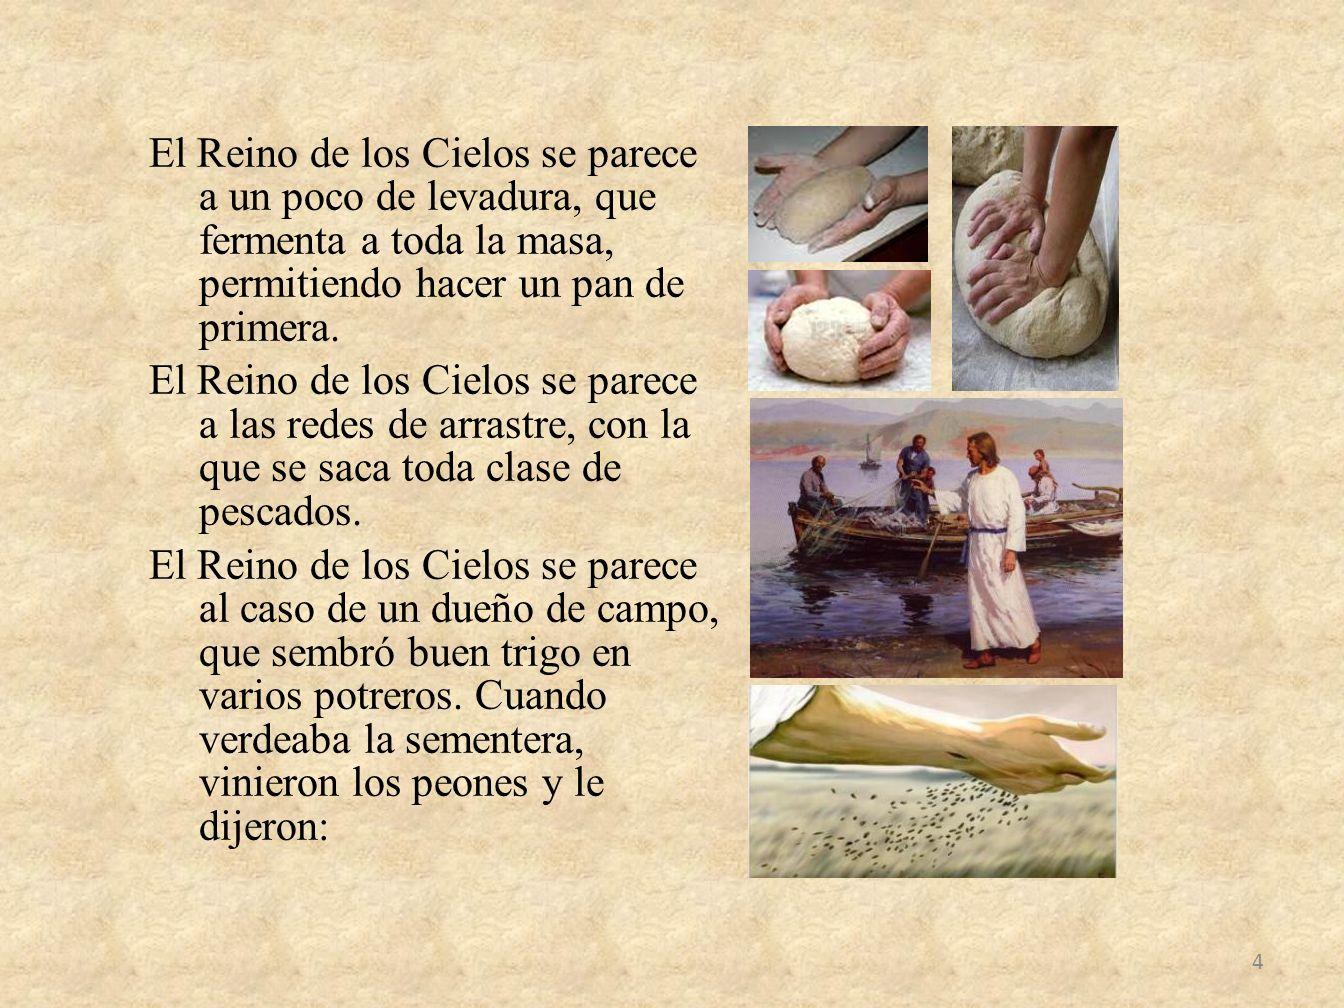 El Reino de los Cielos se parece a un poco de levadura, que fermenta a toda la masa, permitiendo hacer un pan de primera. El Reino de los Cielos se pa